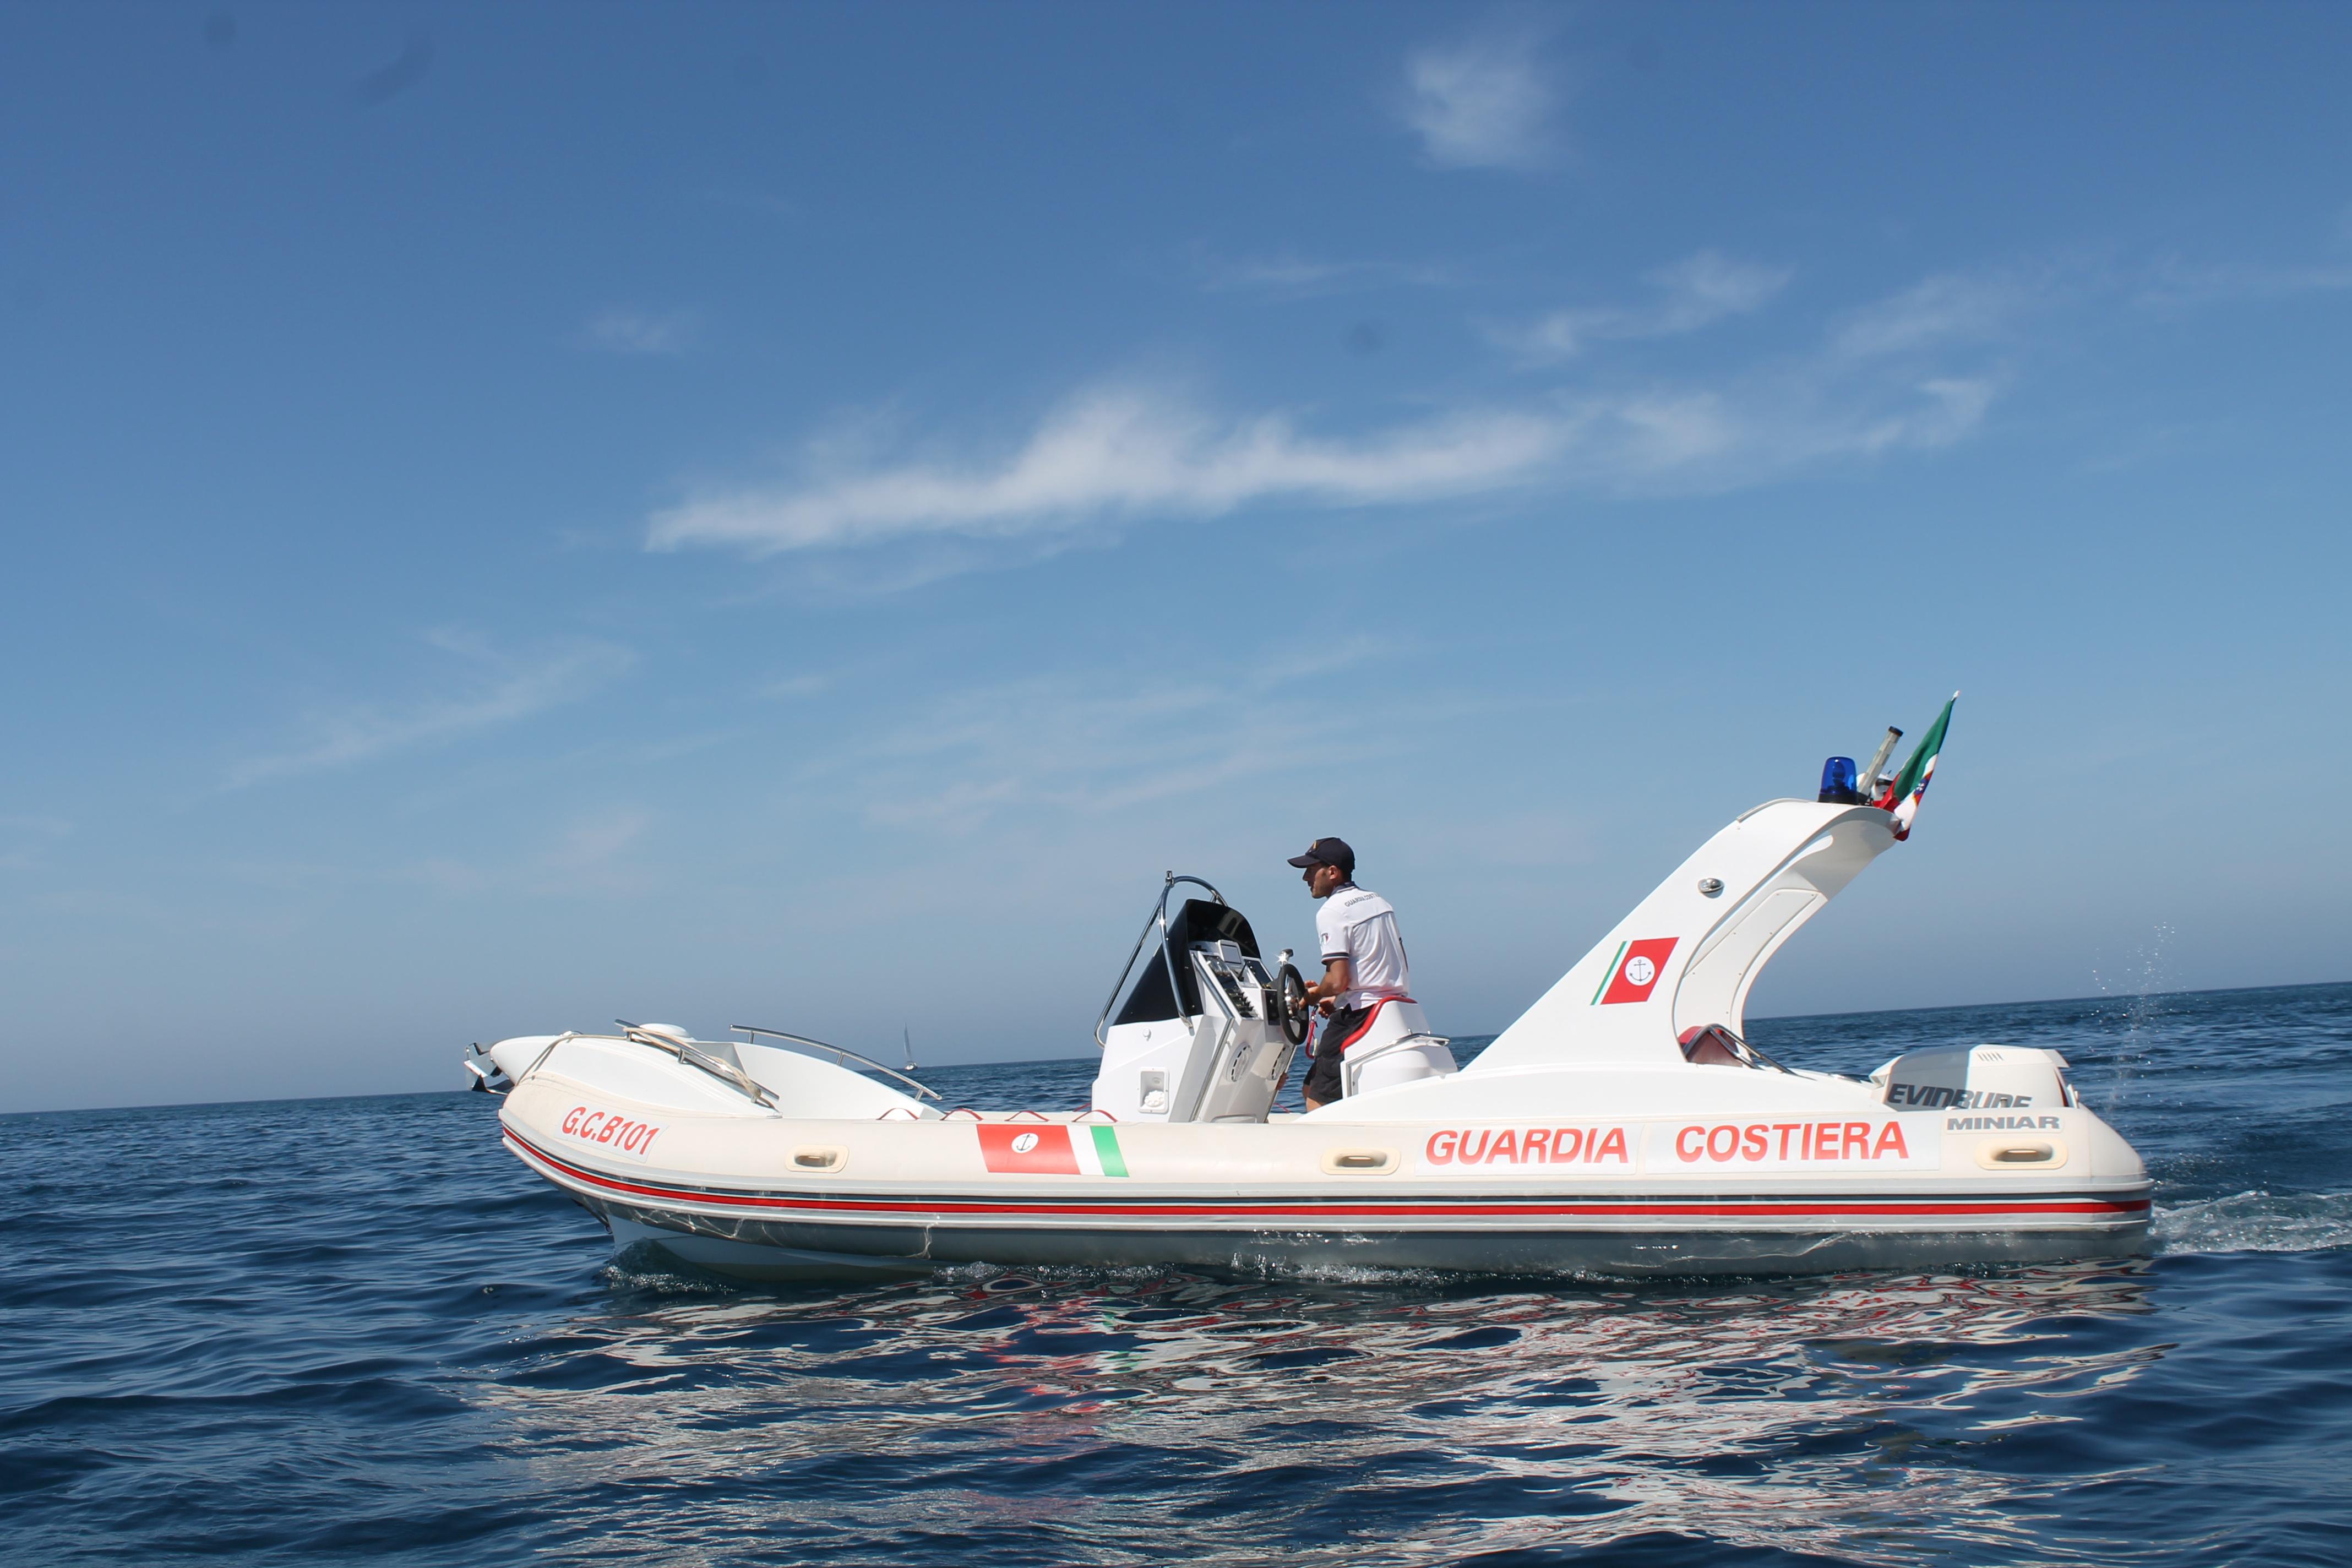 Tragedia in mare, affonda barca Un disperso al largo di Riposto